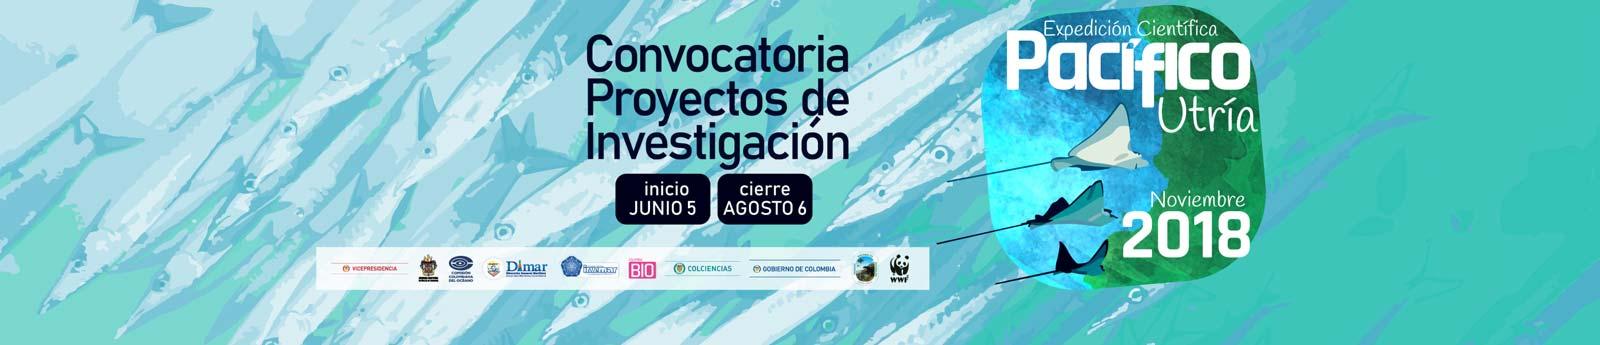 Abierta la convocatoria de proyectos de investigación para la expedición científica Pacífico Utría 2018